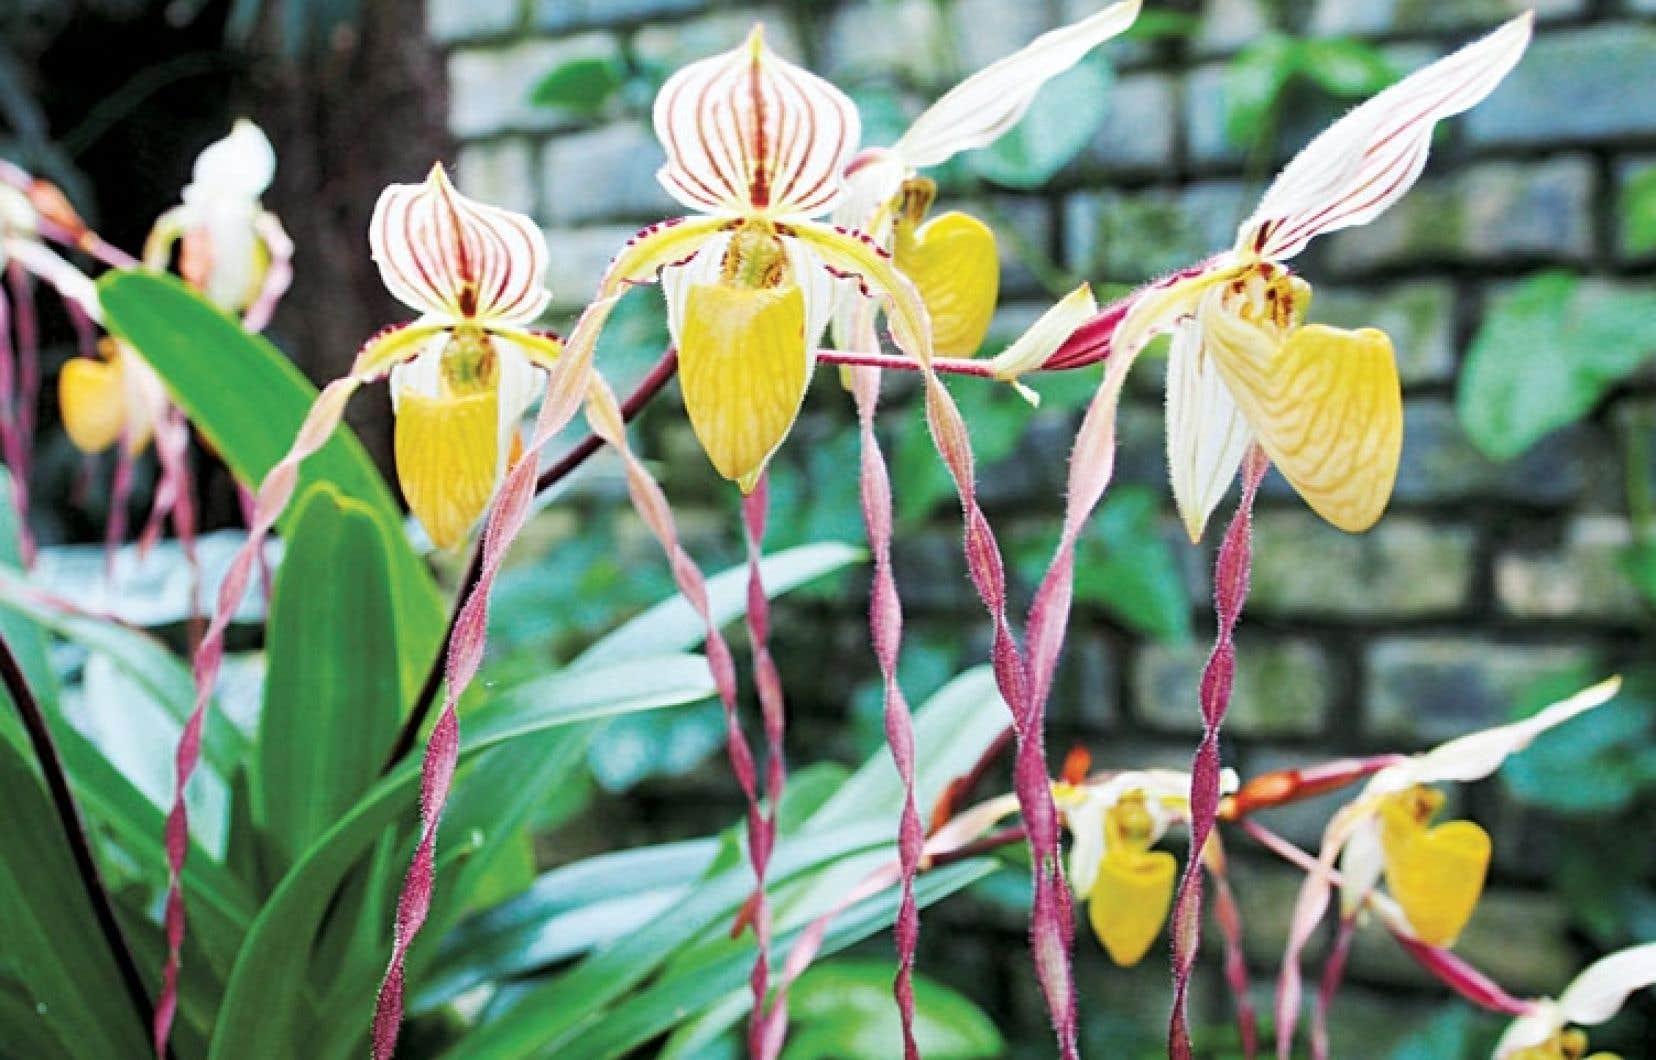 Une orchidée comme la Paphiopedilum philipinnense var philipinnense peut être un beau cadeau à offrir.